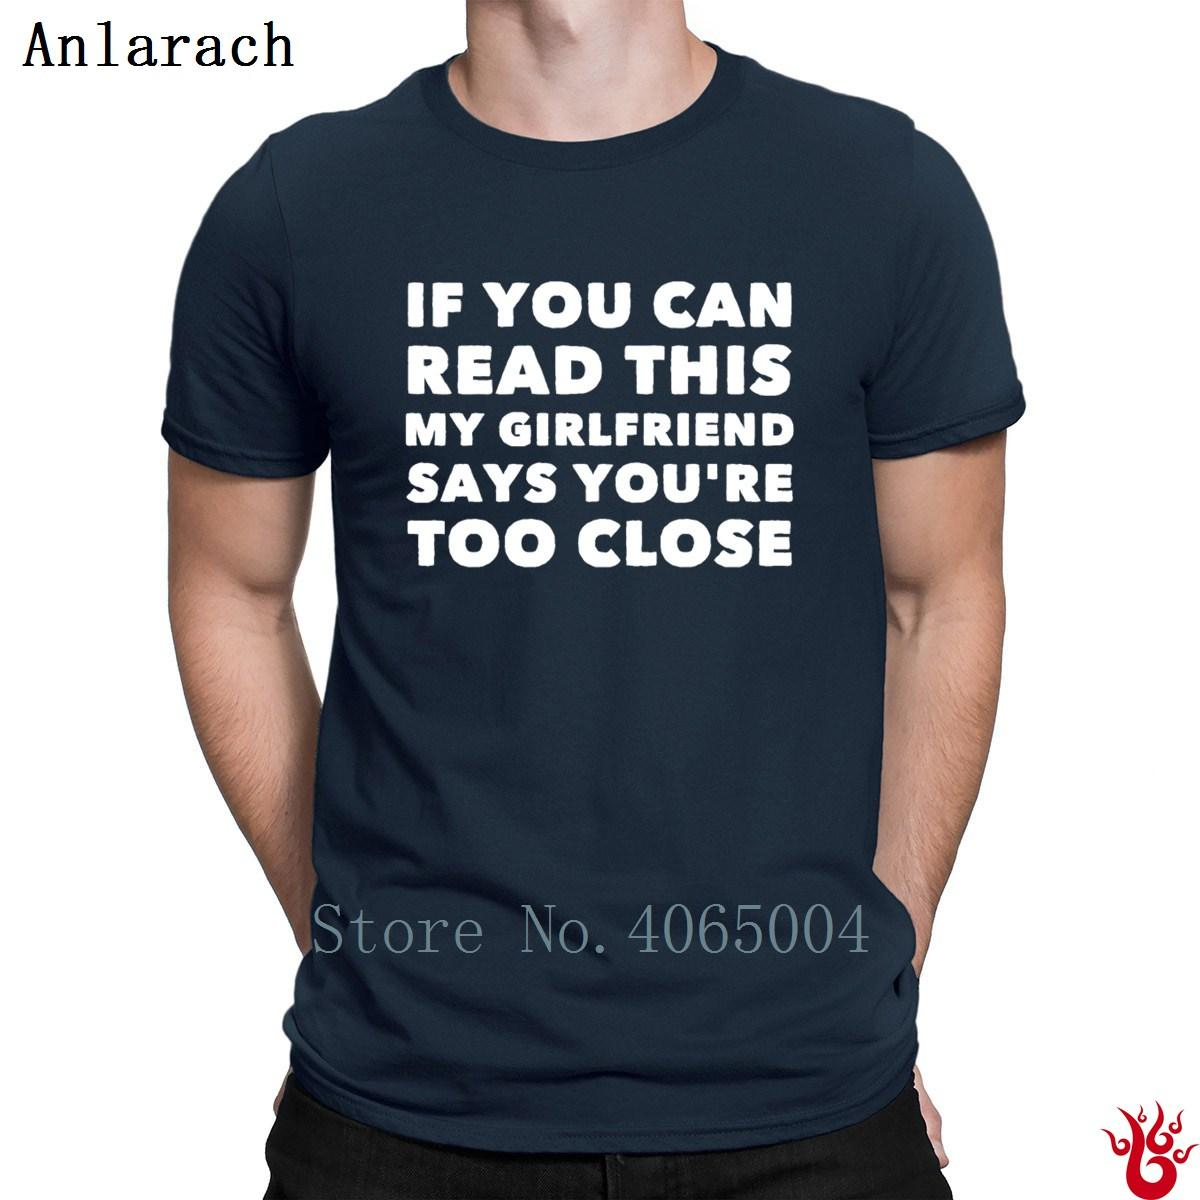 Può leggere questo Girlfriend Dice sei troppo vicino T-shirt Tempo libero T shirt da uomo di stile Estate girocollo Streetwear sveglio divertente